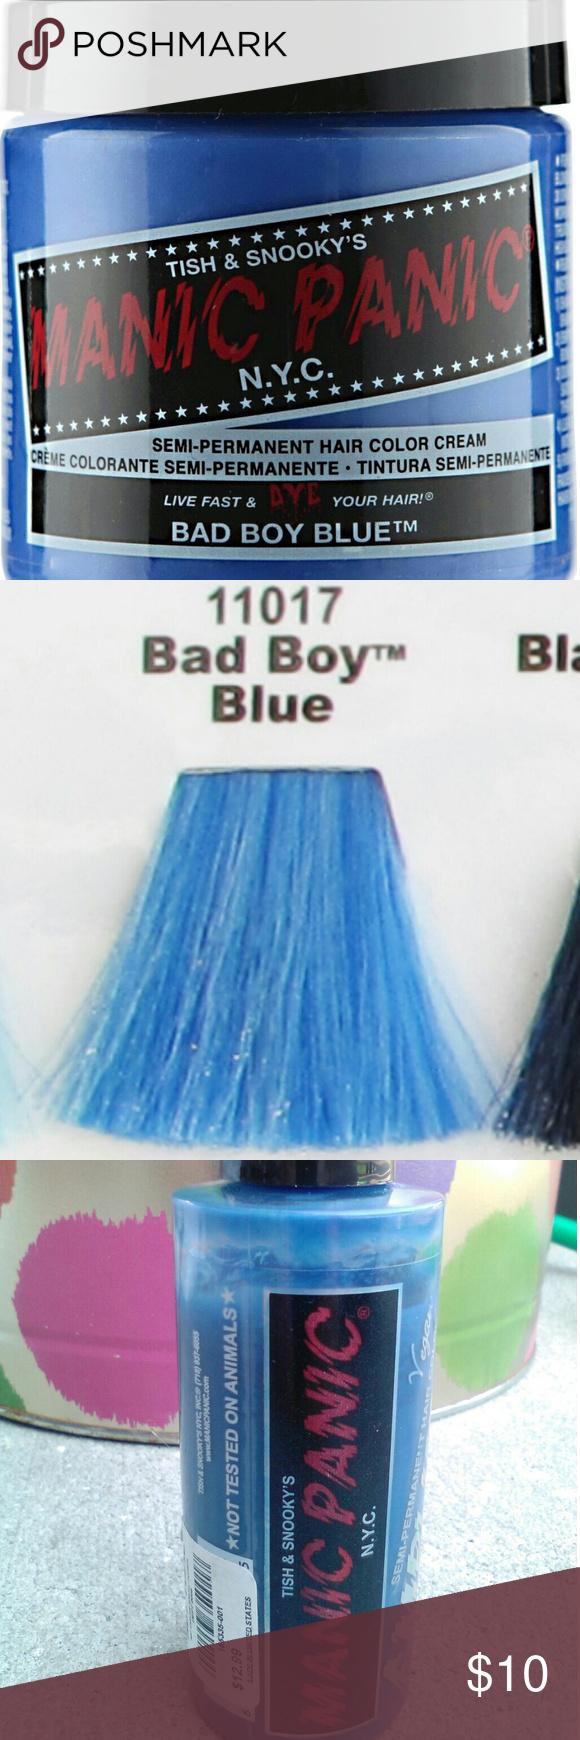 Bad Boy Blue Manic Panic Amplified Vegan Hair Dye Hair Tips Dyed Blue Vegan Hair Dye Hair Dye Tips